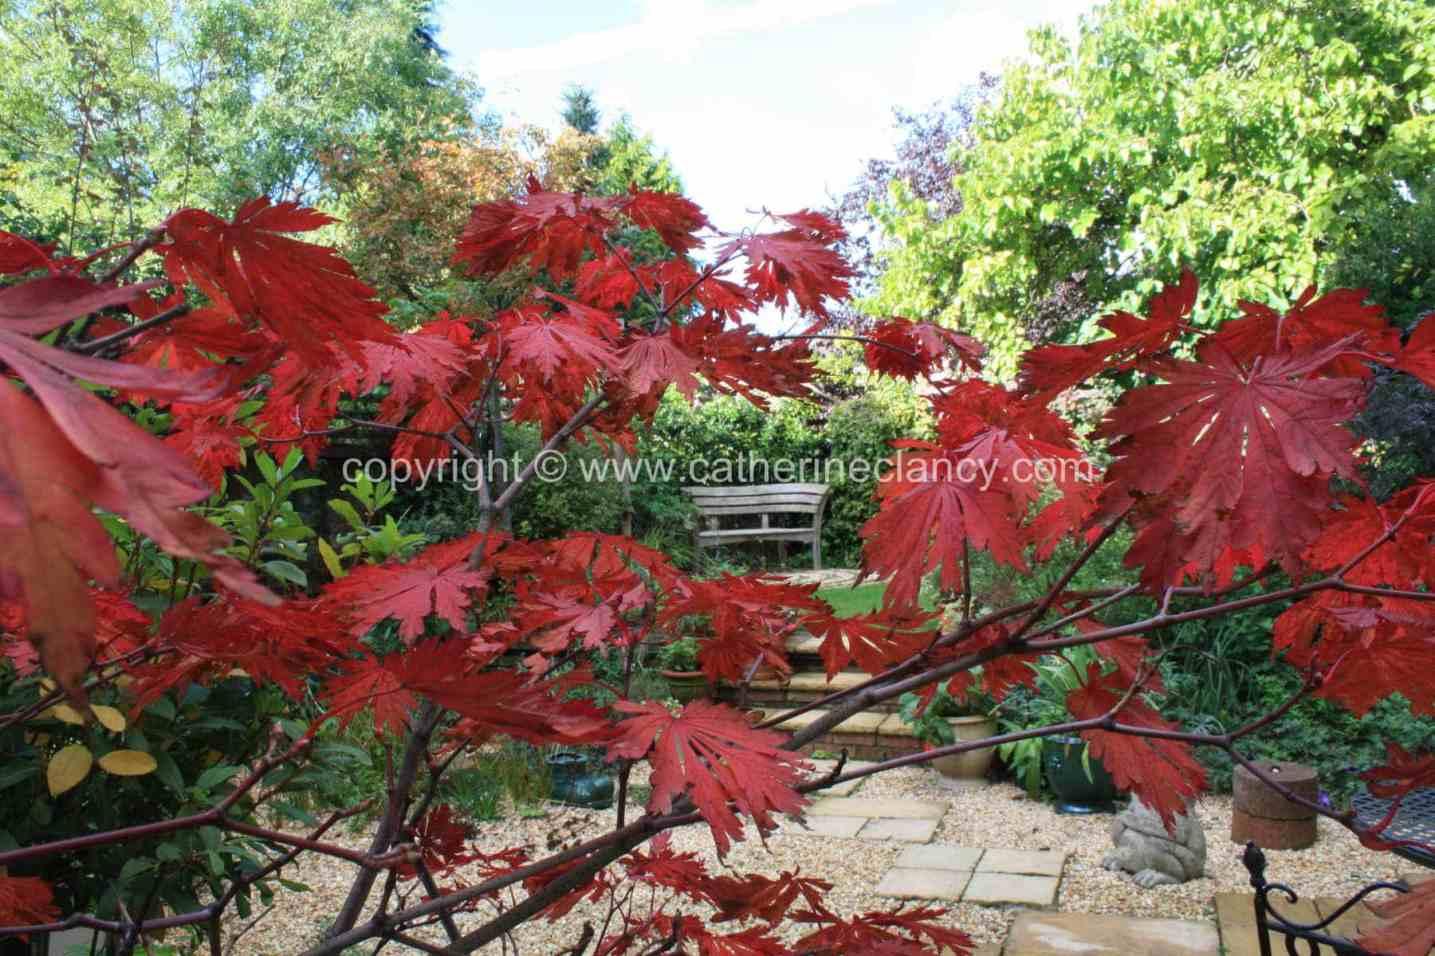 blackheath-walled-garden-3